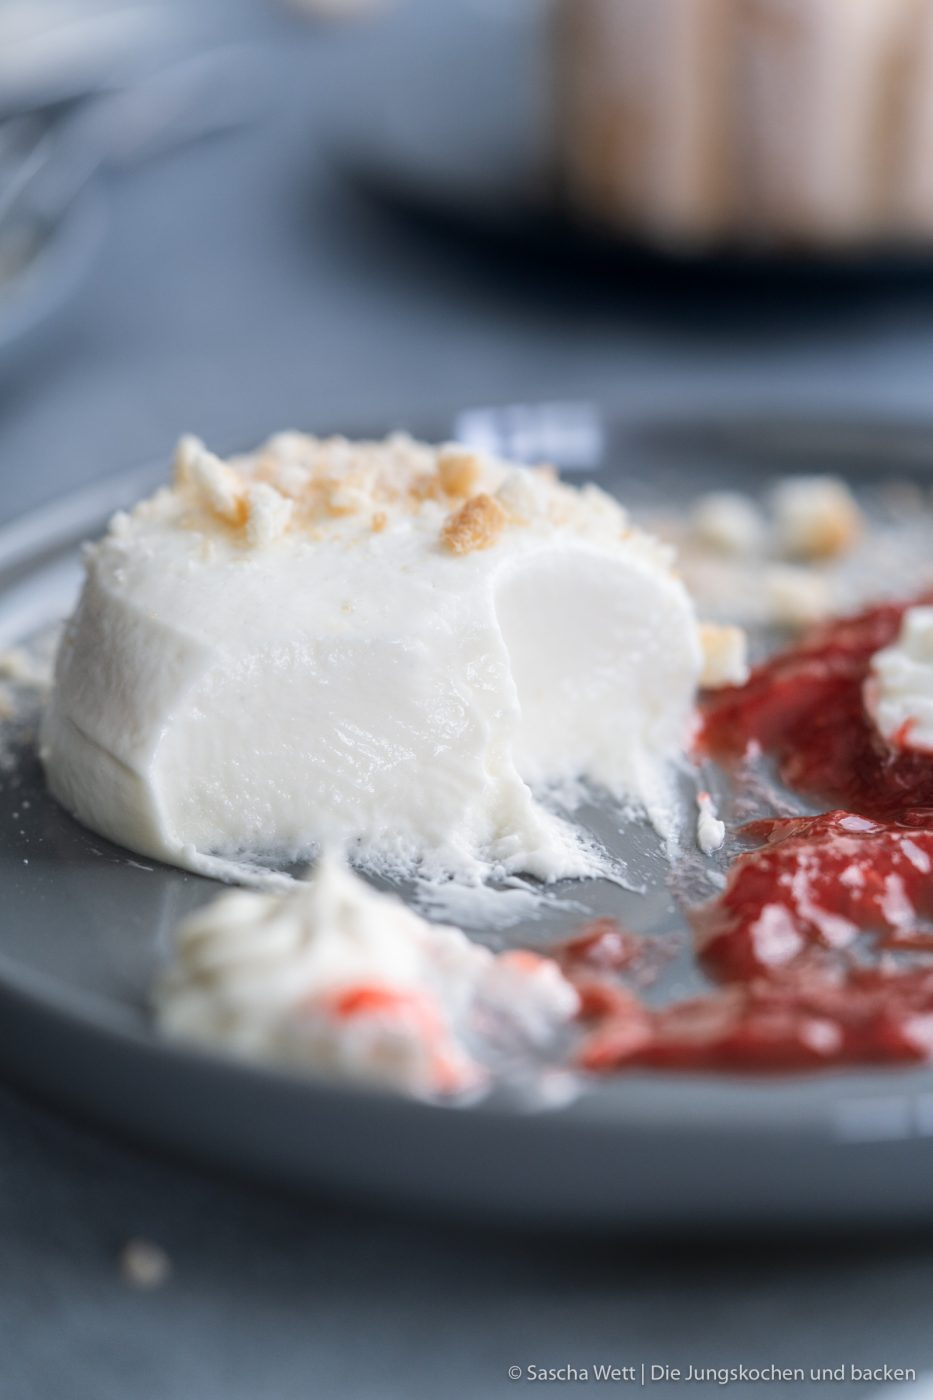 Cheesecake T%C3%B6rtchen 7 | Mögt ihr kleine Törtchen auch so sehr wie wir? Es wurde mal wieder höchste Zeit, ein schönes Törtchen für euch zu kreieren. Da kann man sich mal gemütlich zurücklehnen und dieses wundervolle Cheesecake-Törtchen mit Erdbeeren & Rhabarber voller Genuss verspeisen. Wir und unsere Freunde, waren auf jeden Fall mehr als happy, während und nachdem wir diesen Cheesecake-Traum gegessen hatten und wir sind uns sicher: Euch wird es genauso gehen.